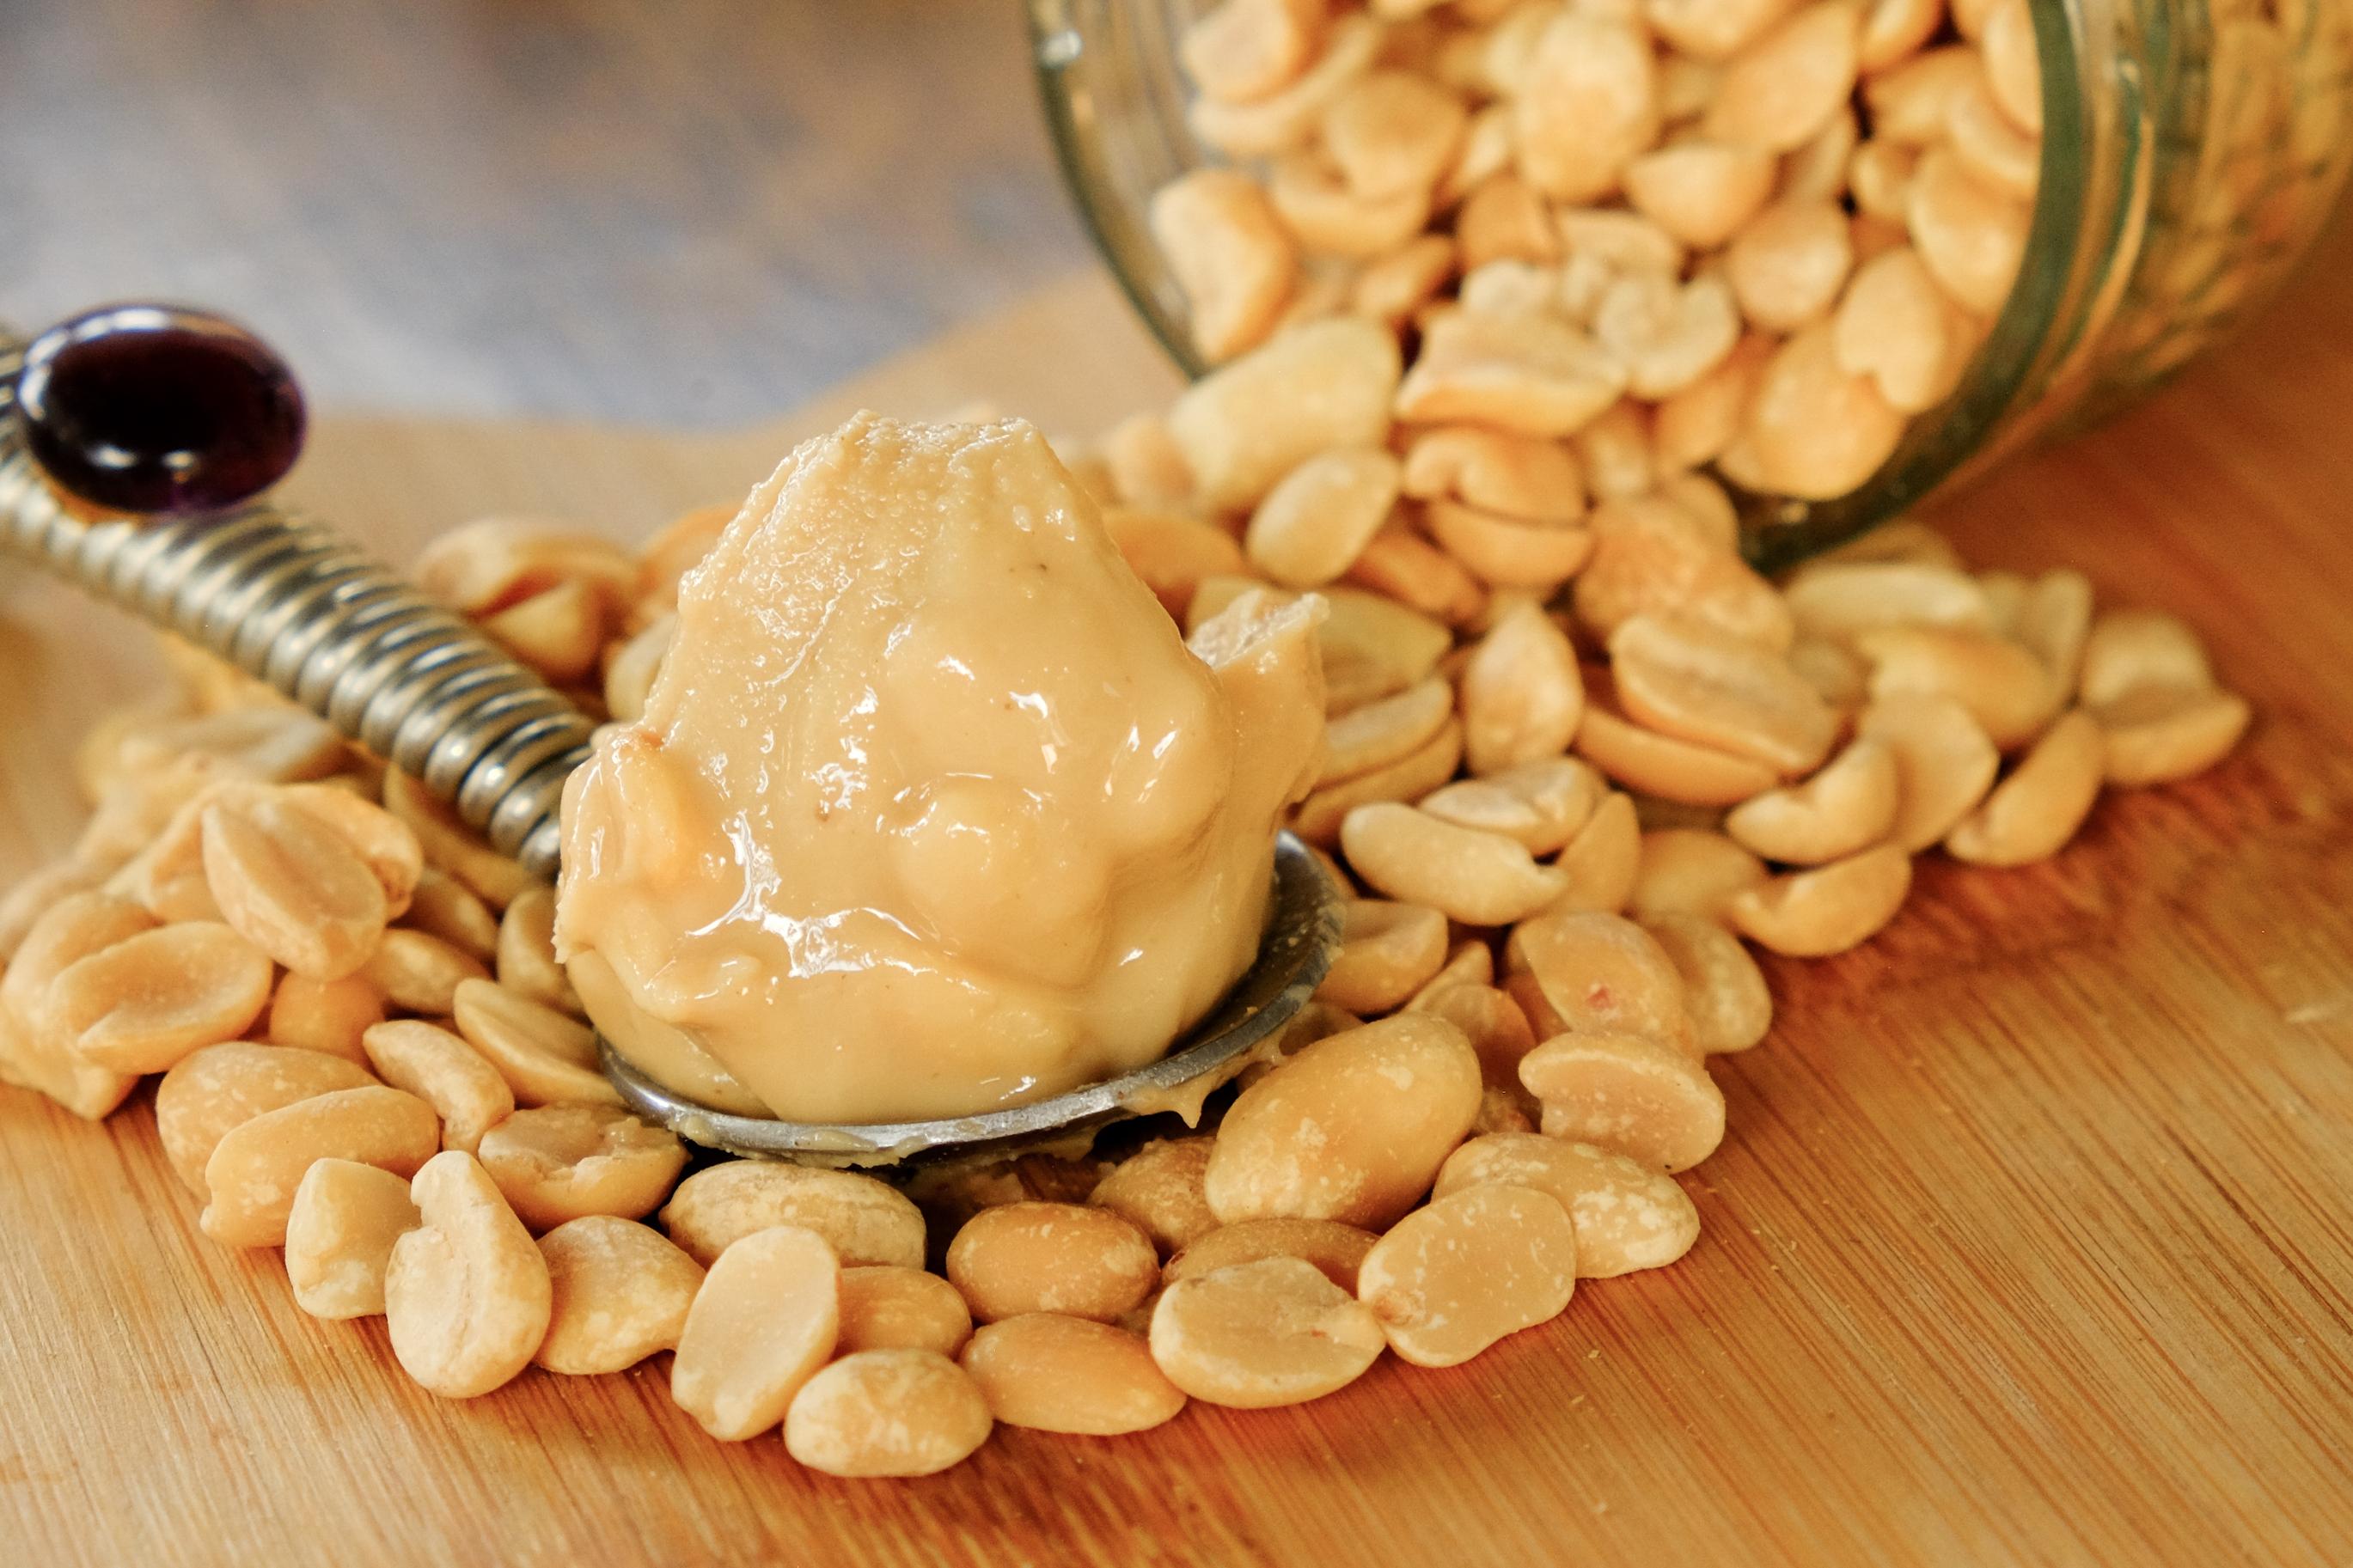 Crunchy Peanut Butter (1Kg)